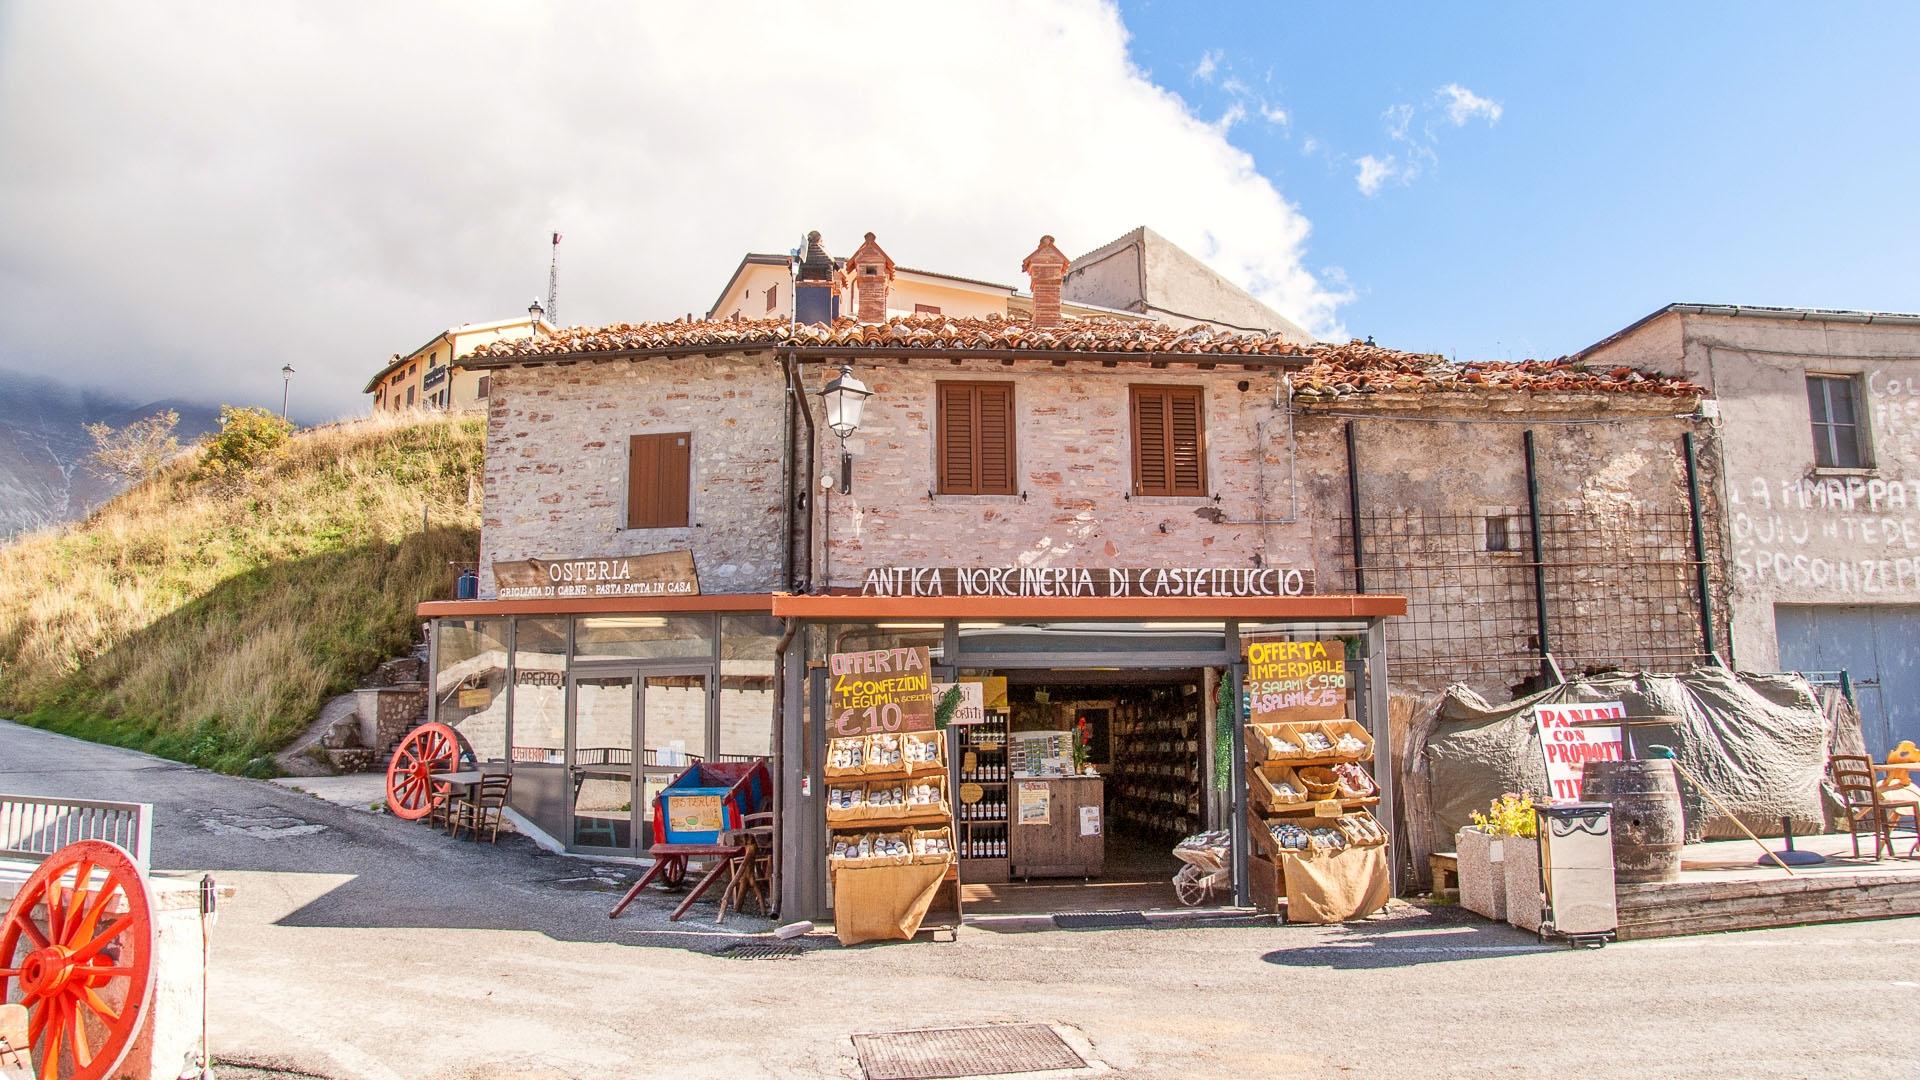 A norcineria in Castelluccio